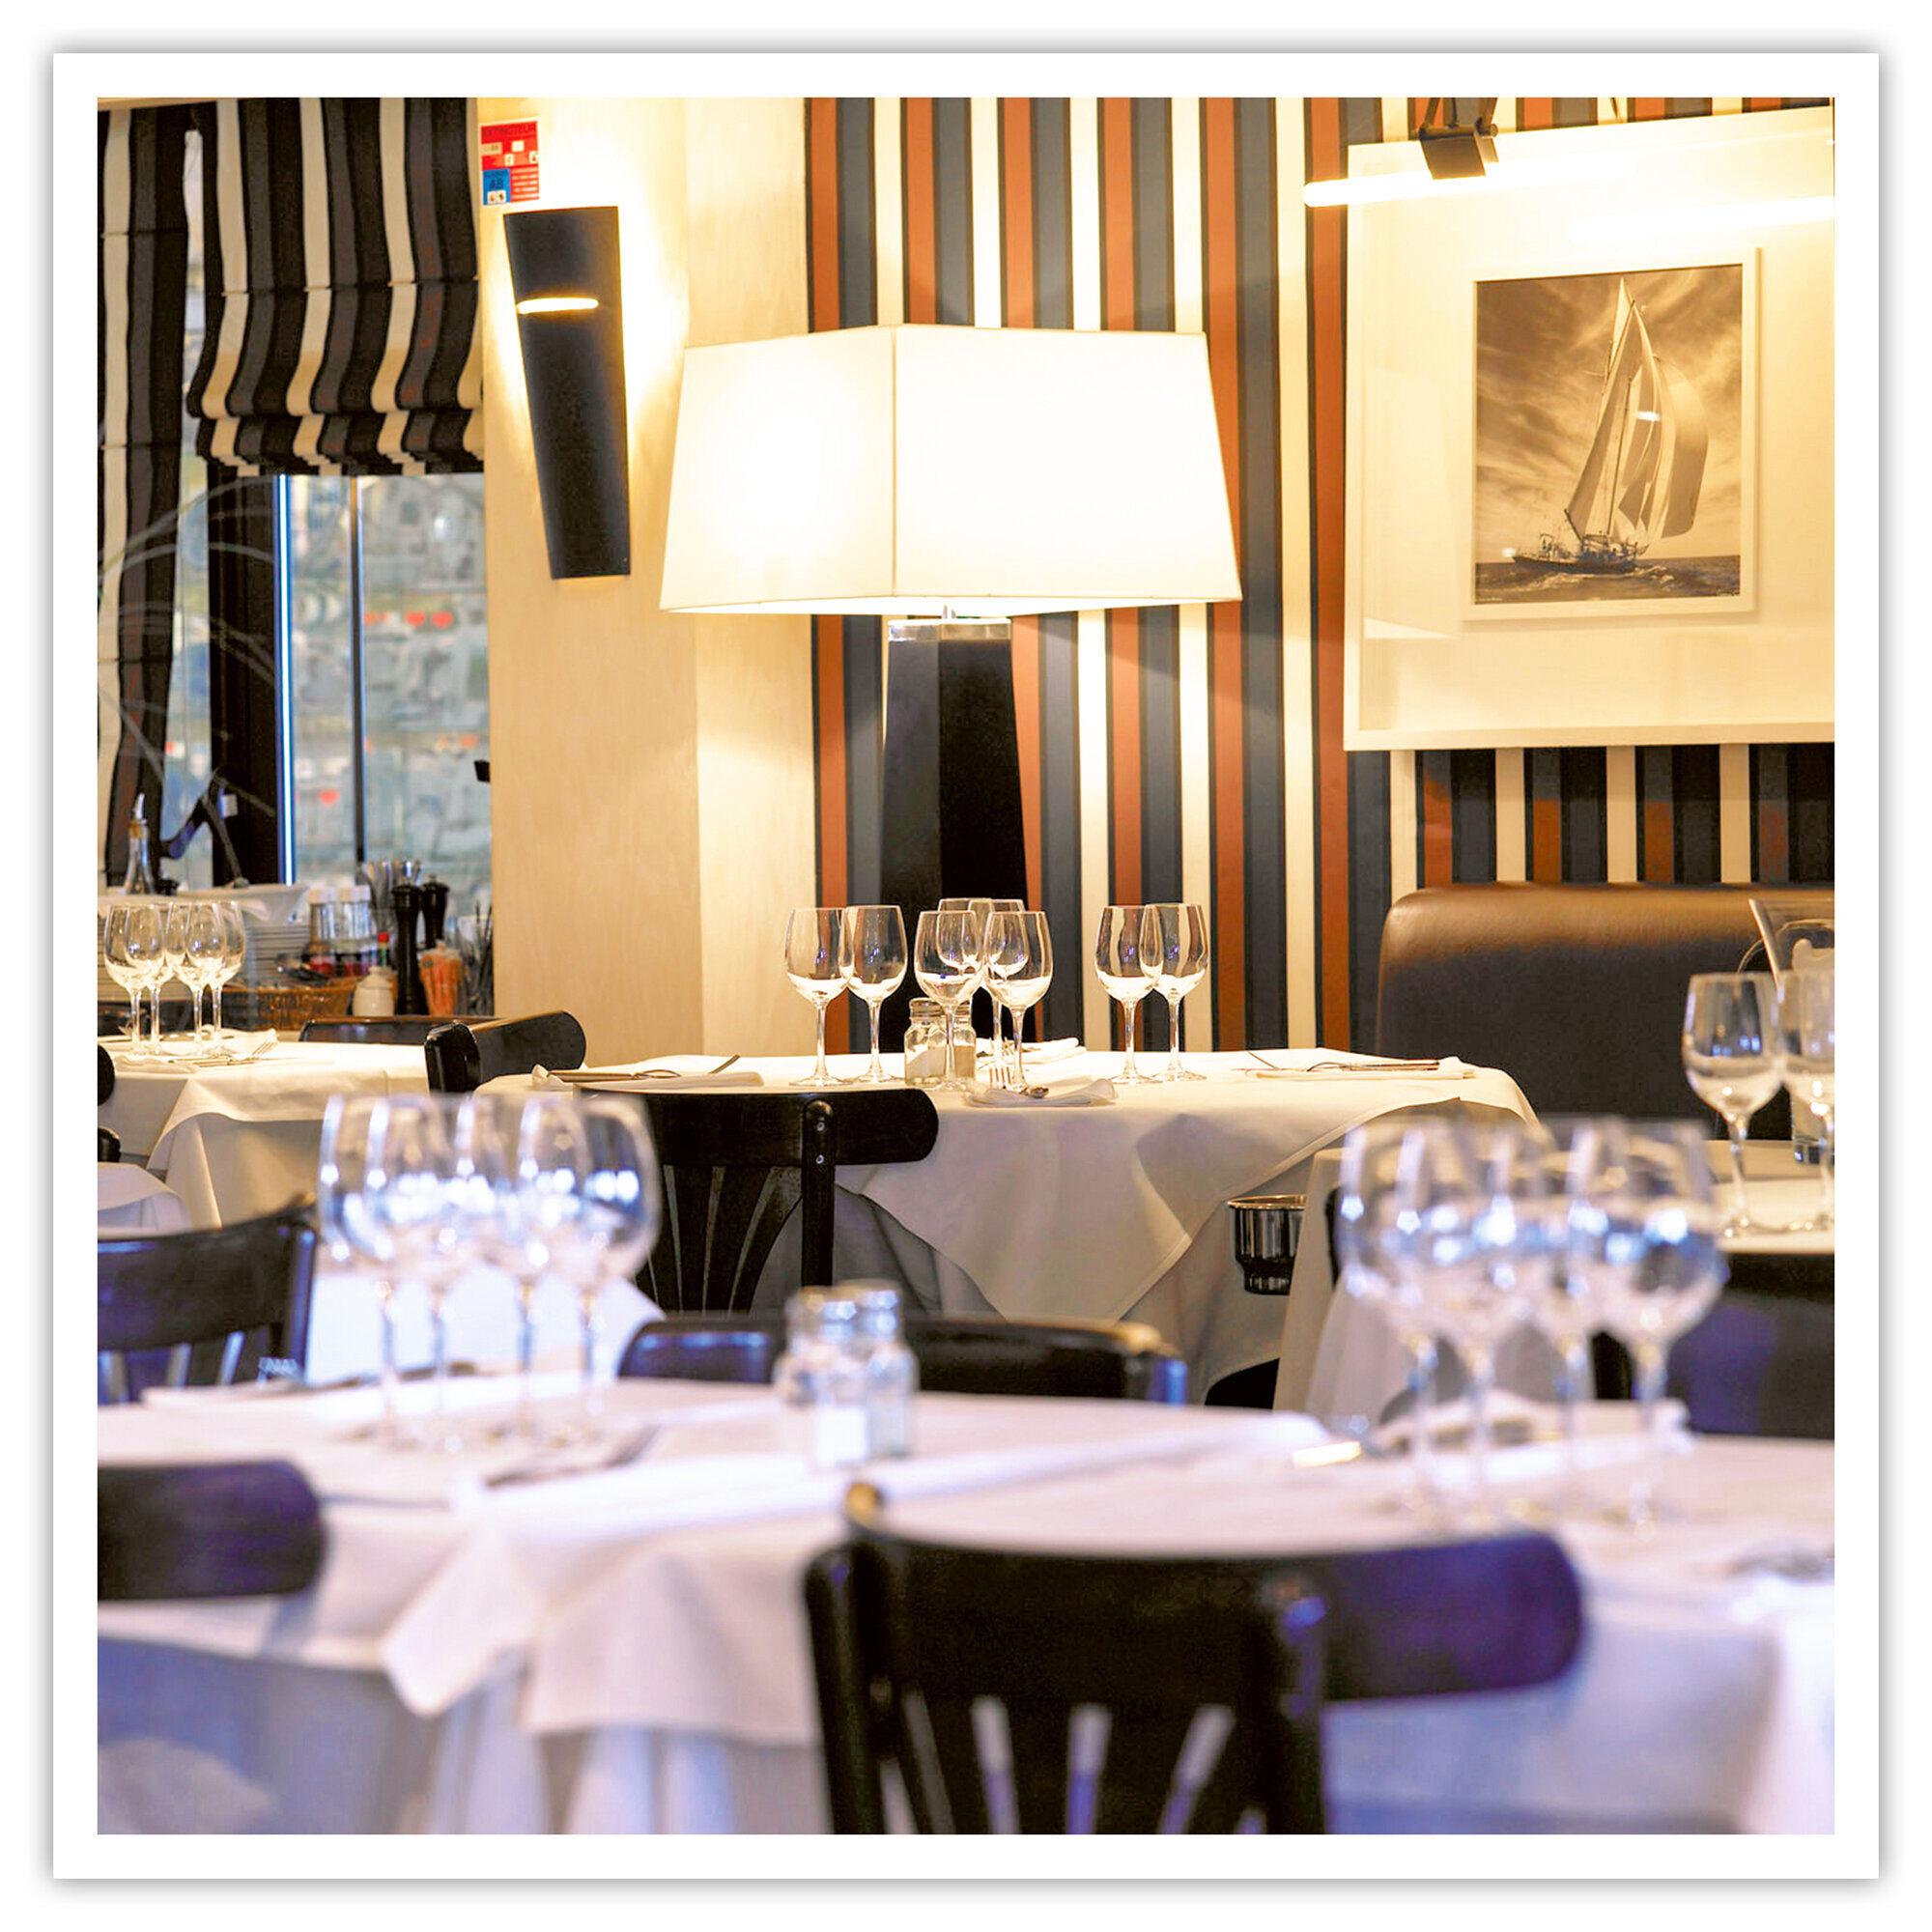 Repas 3 plats et vin pour 2 au Café de la Plage - Chez Pierre à Arcachon Coffret cadeau Smartbox